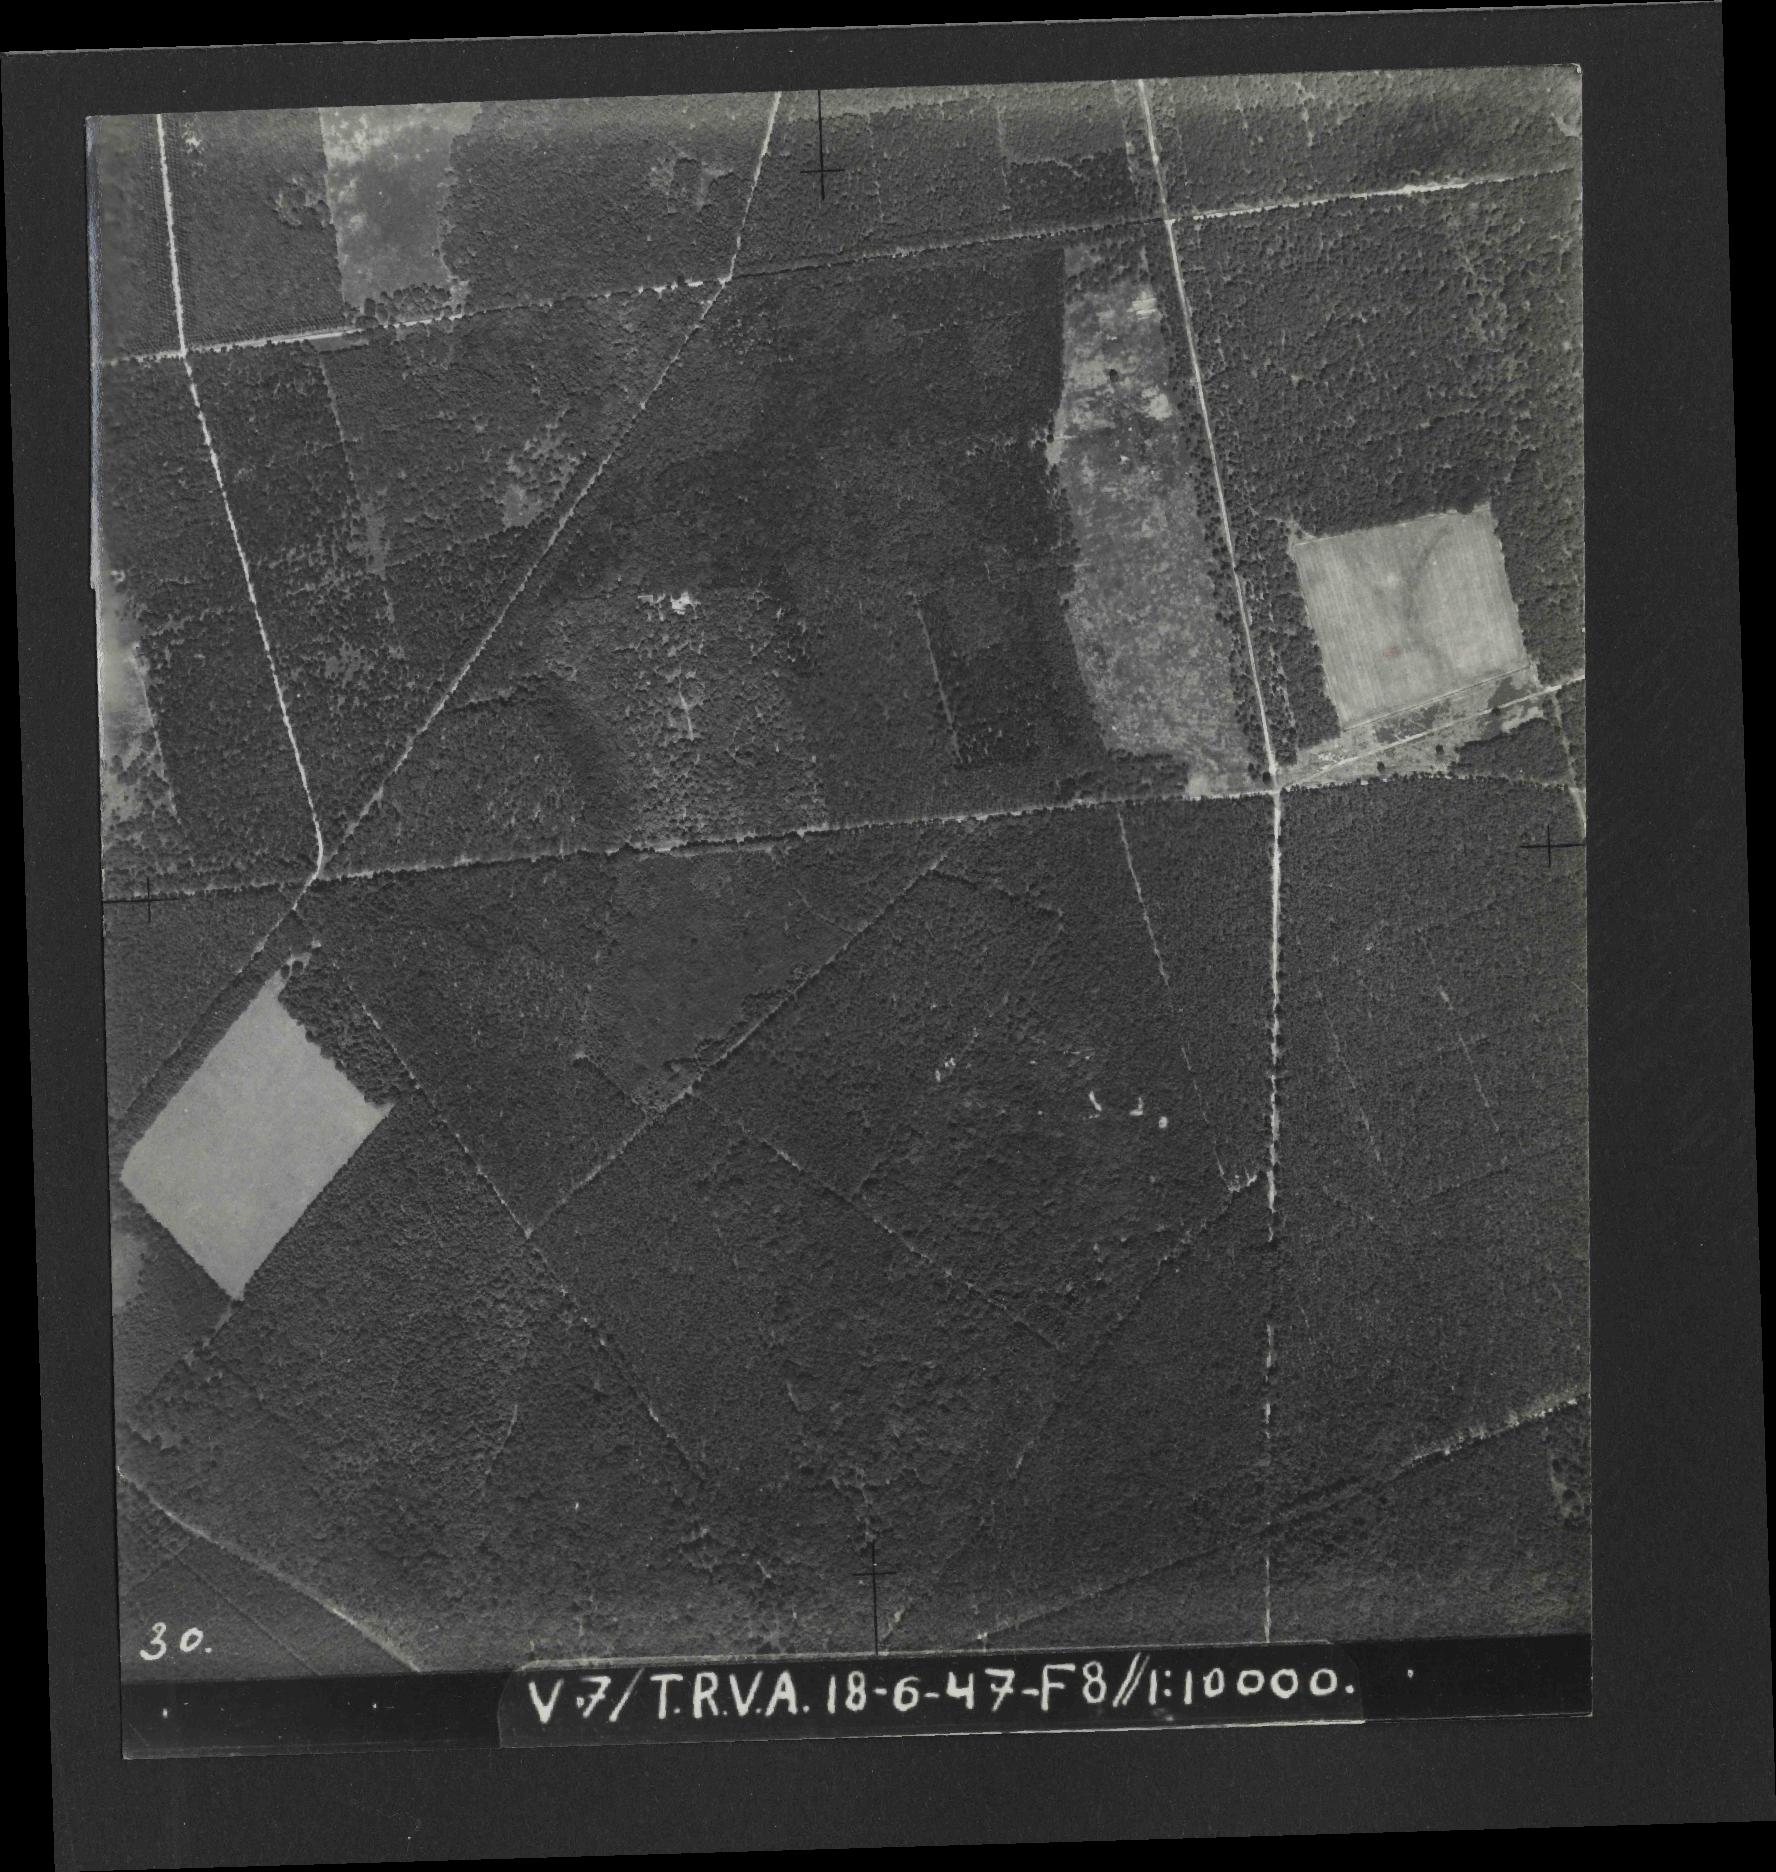 Collection RAF aerial photos 1940-1945 - flight 550, run 04, photo 0030